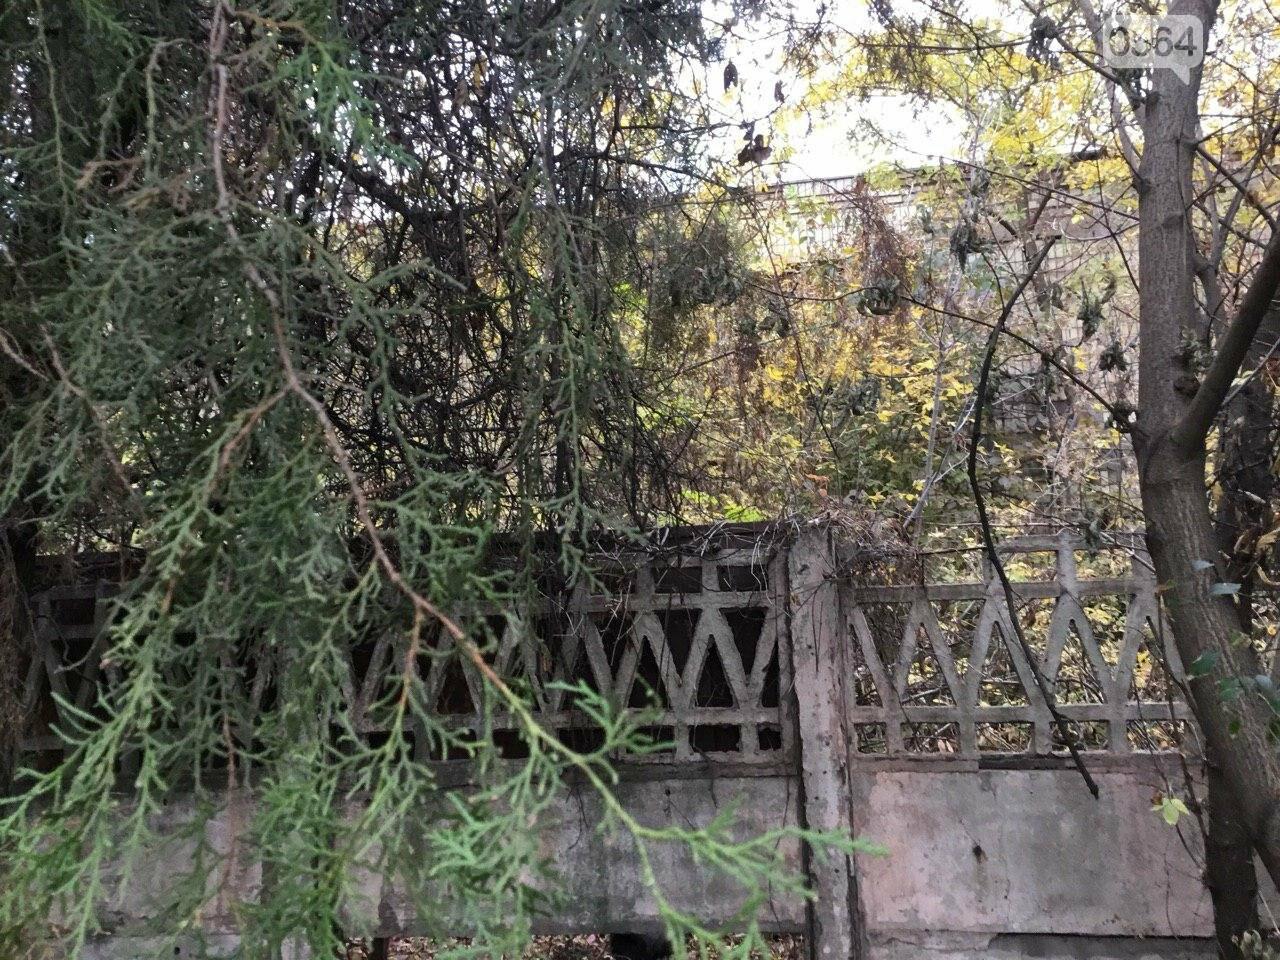 Депутат: в центре Кривого Рога 15 лет незаконно используют участок земли, - ФОТО, ВИДЕО, фото-28